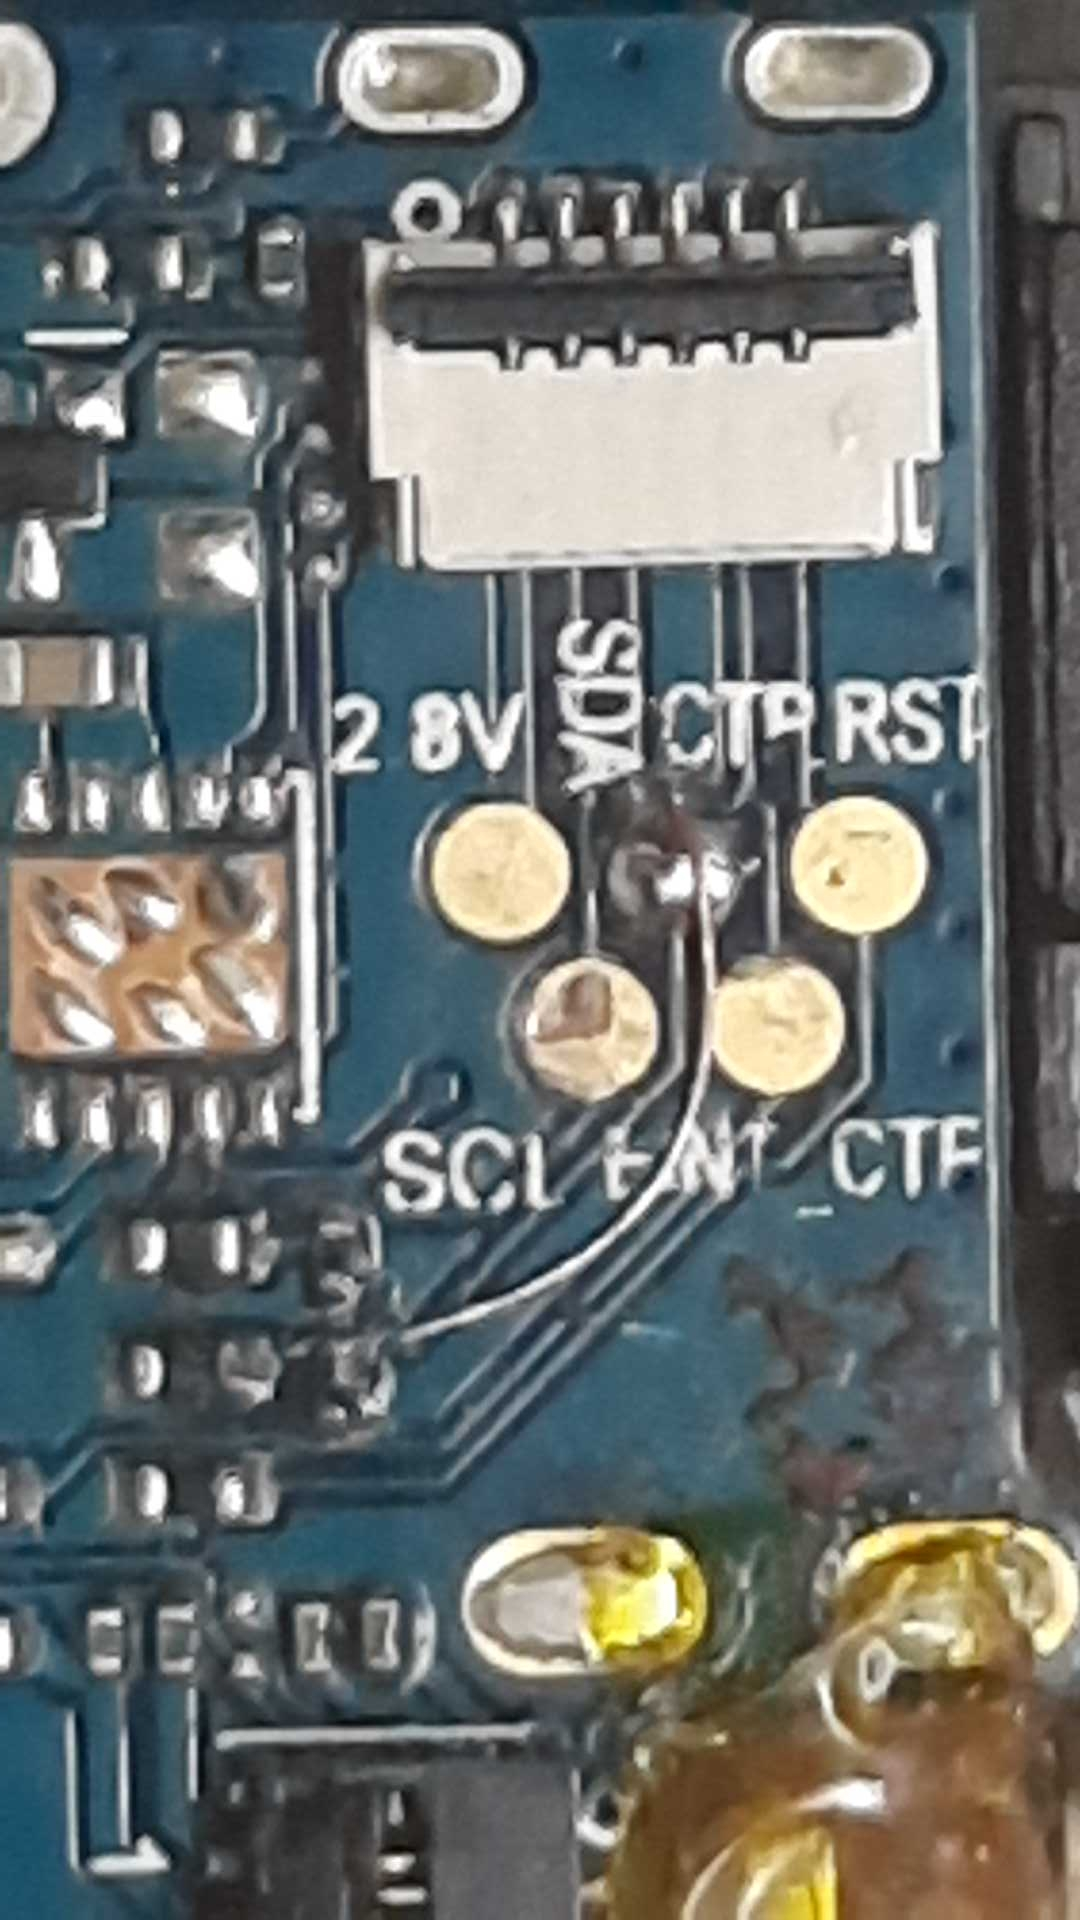 حصري تشريح جهاز جديد galaxy mini s5570i